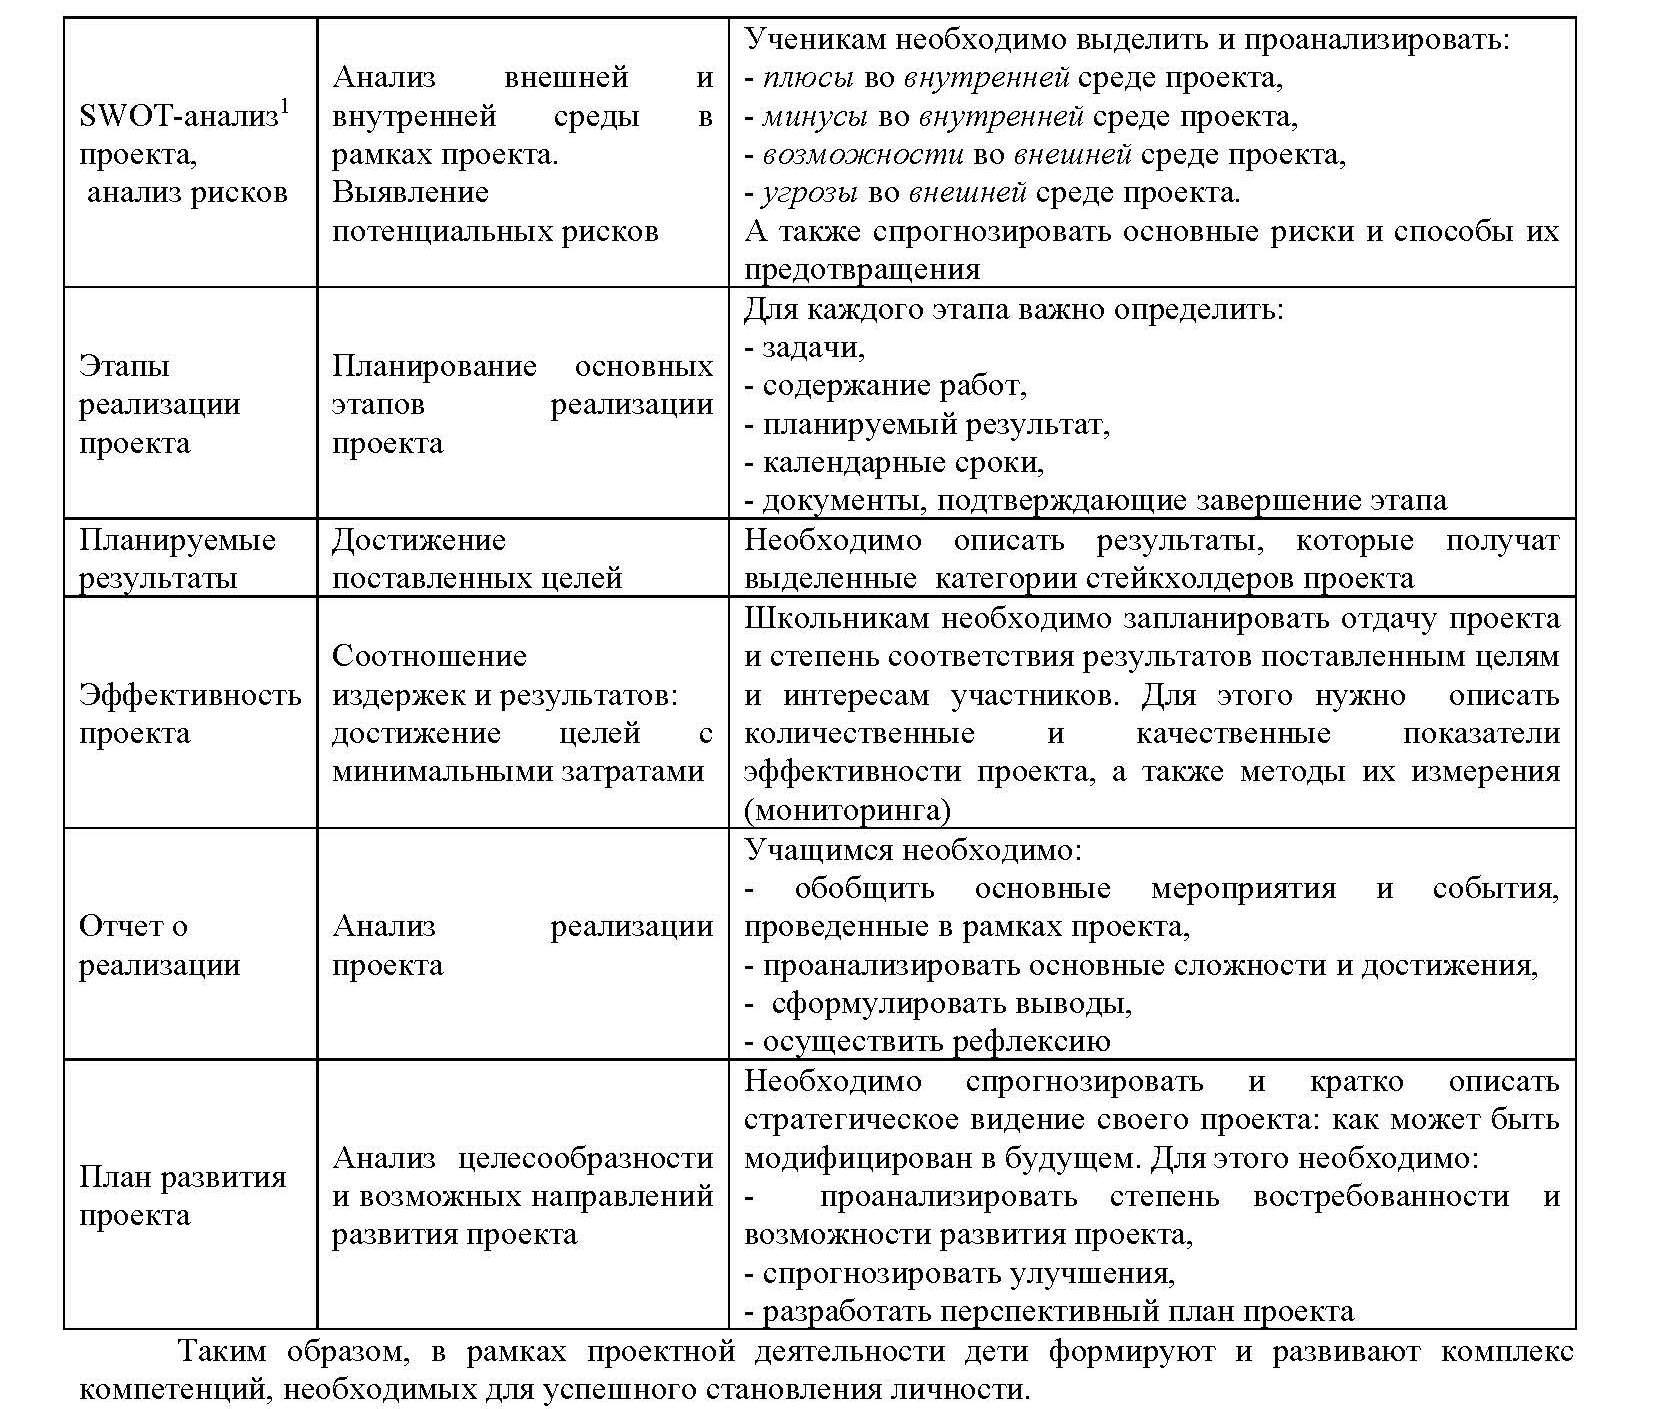 МФО и др._Страница_15